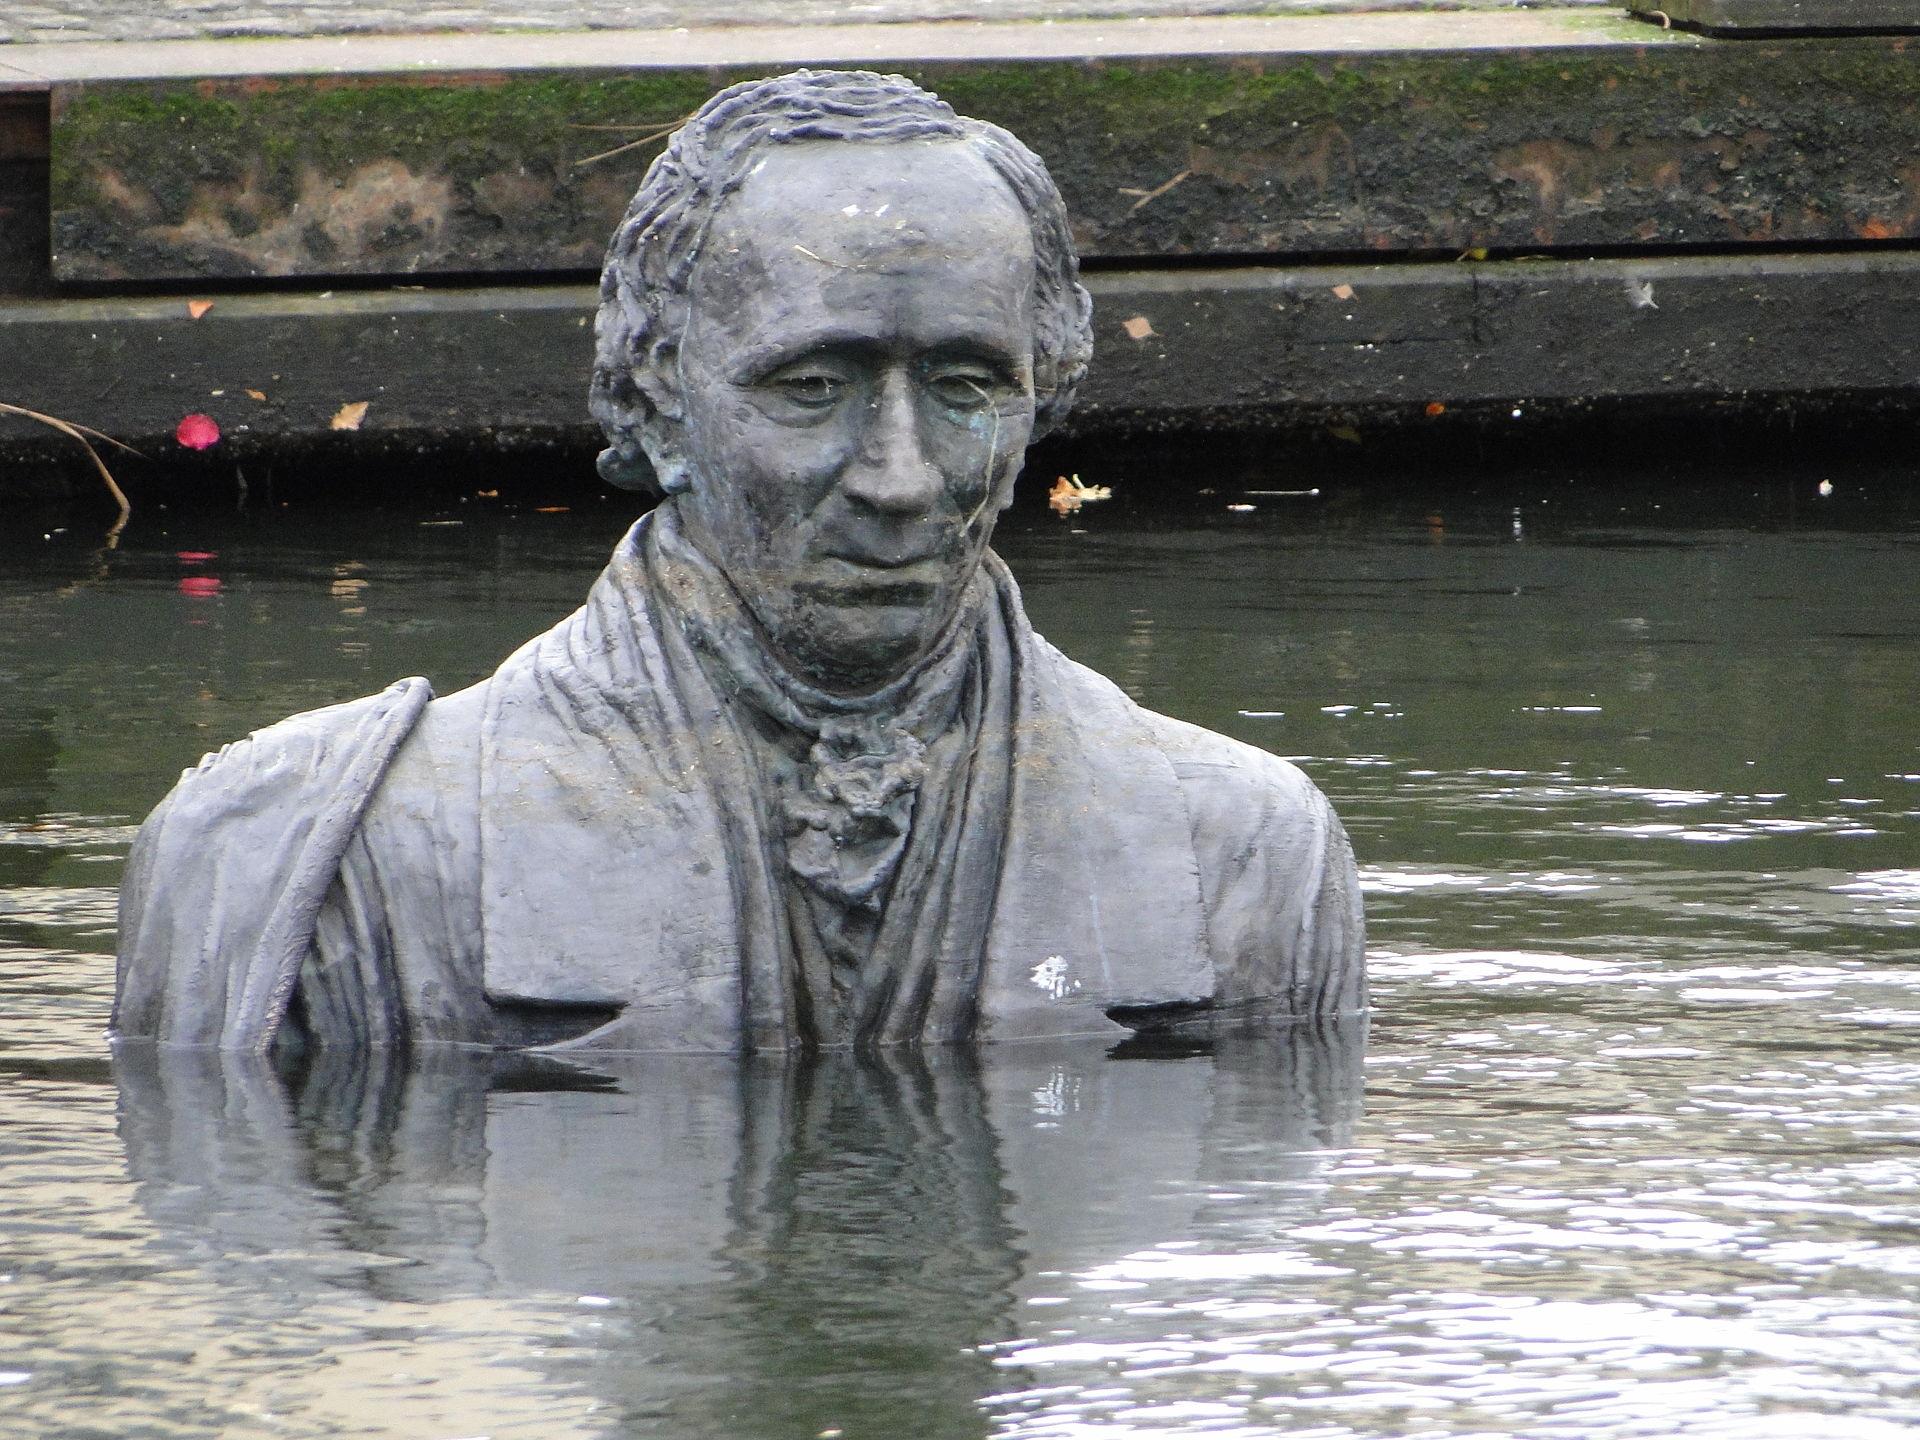 Napol potopljen Andersenov kip v njegovem rojstnem kraju Odense.